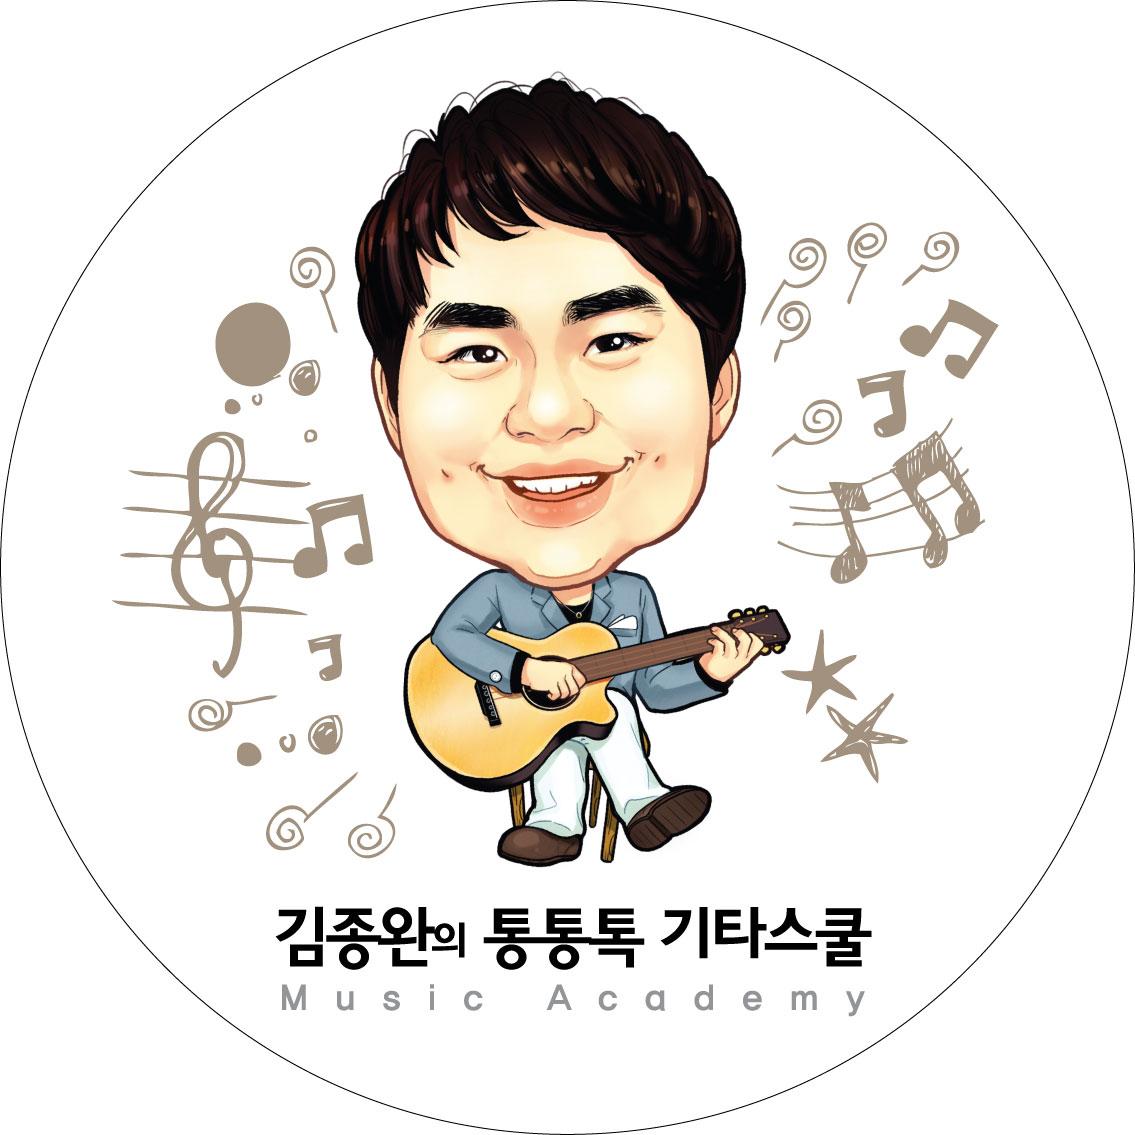 김종완의 통통톡 기타교실